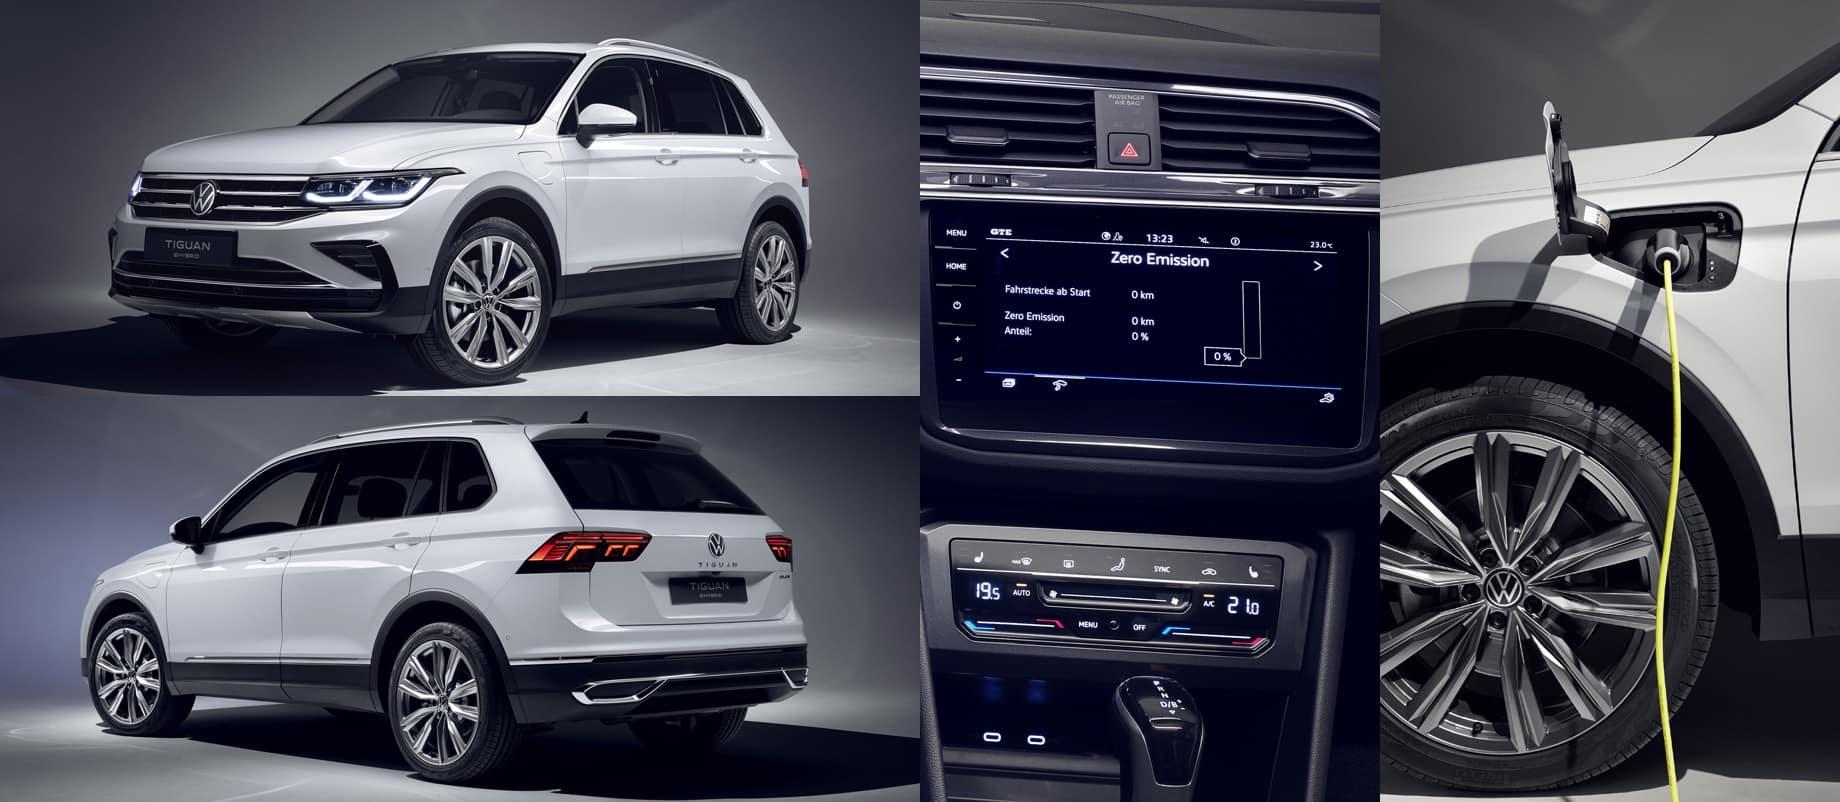 VW Tiguan 2021 гибрид